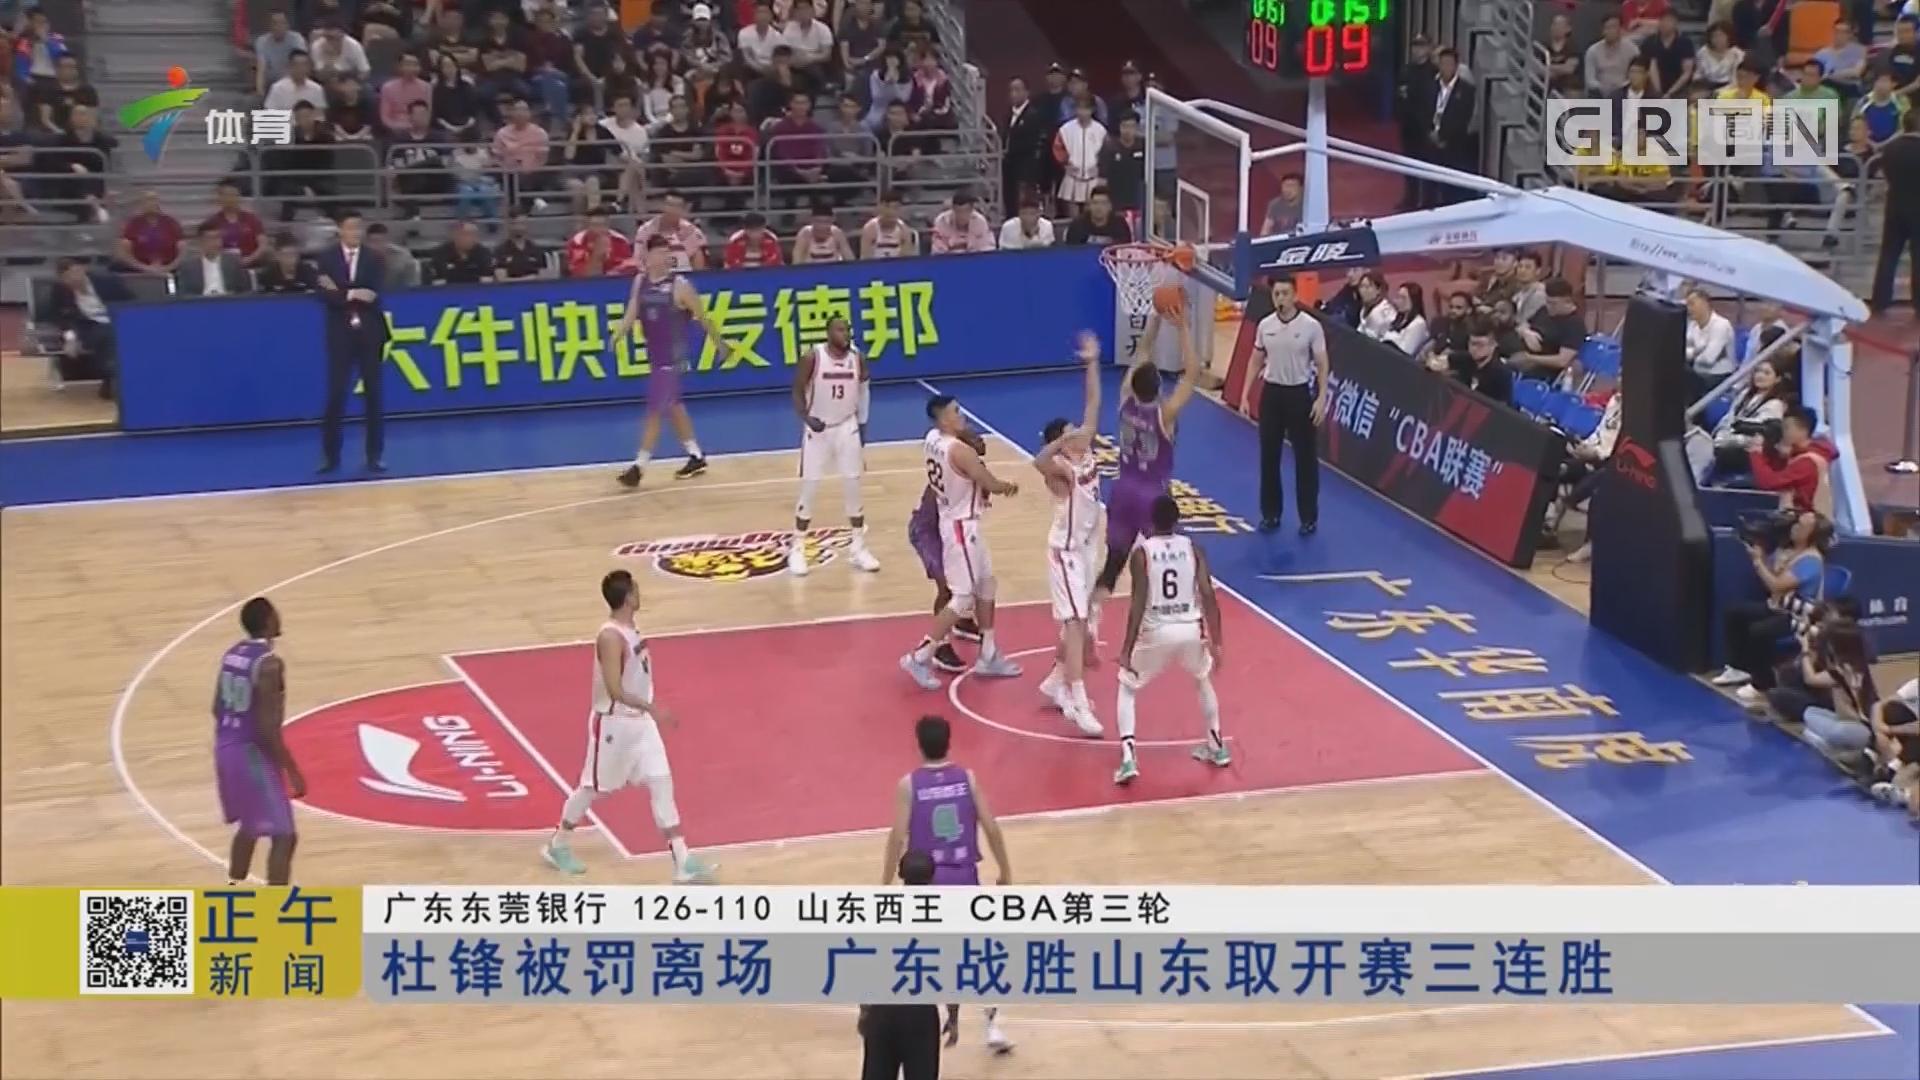 杜锋被罚离场 广东战胜山东取开赛三连胜